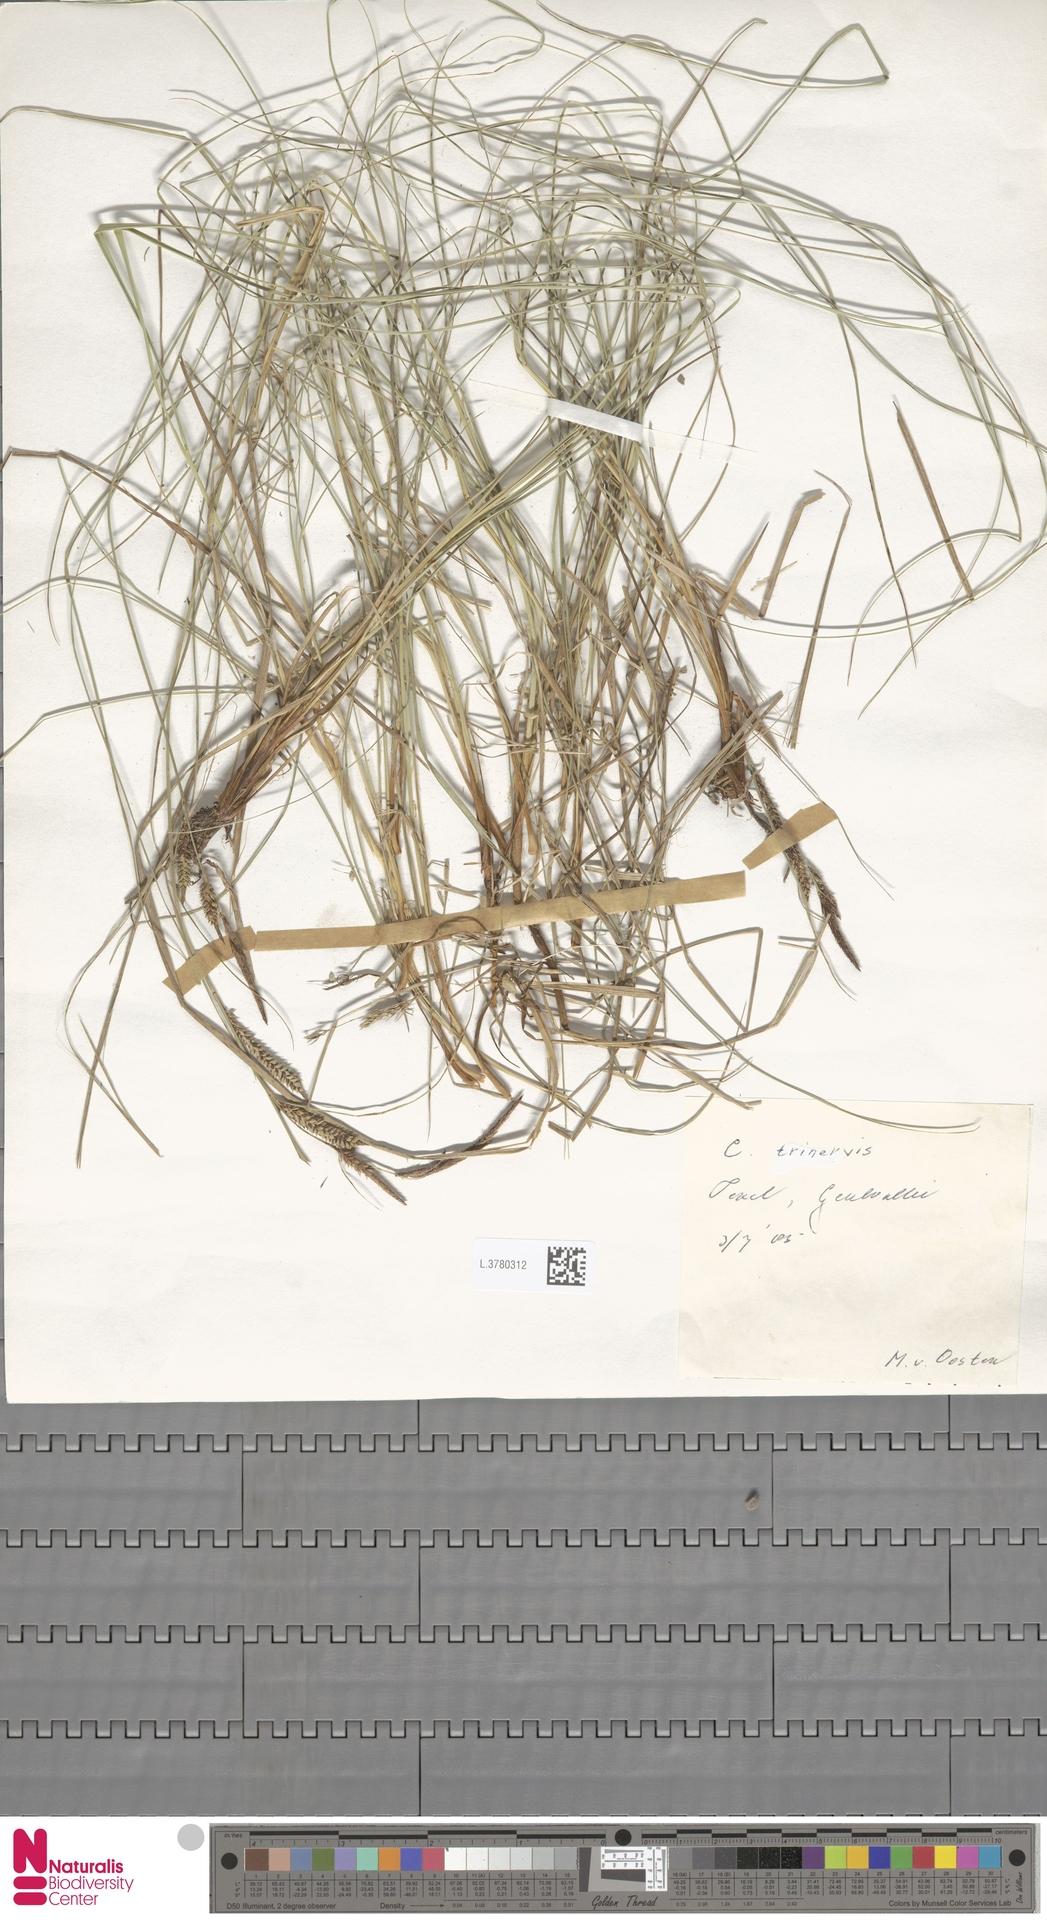 L.3780312   Carex trinervis Degl.